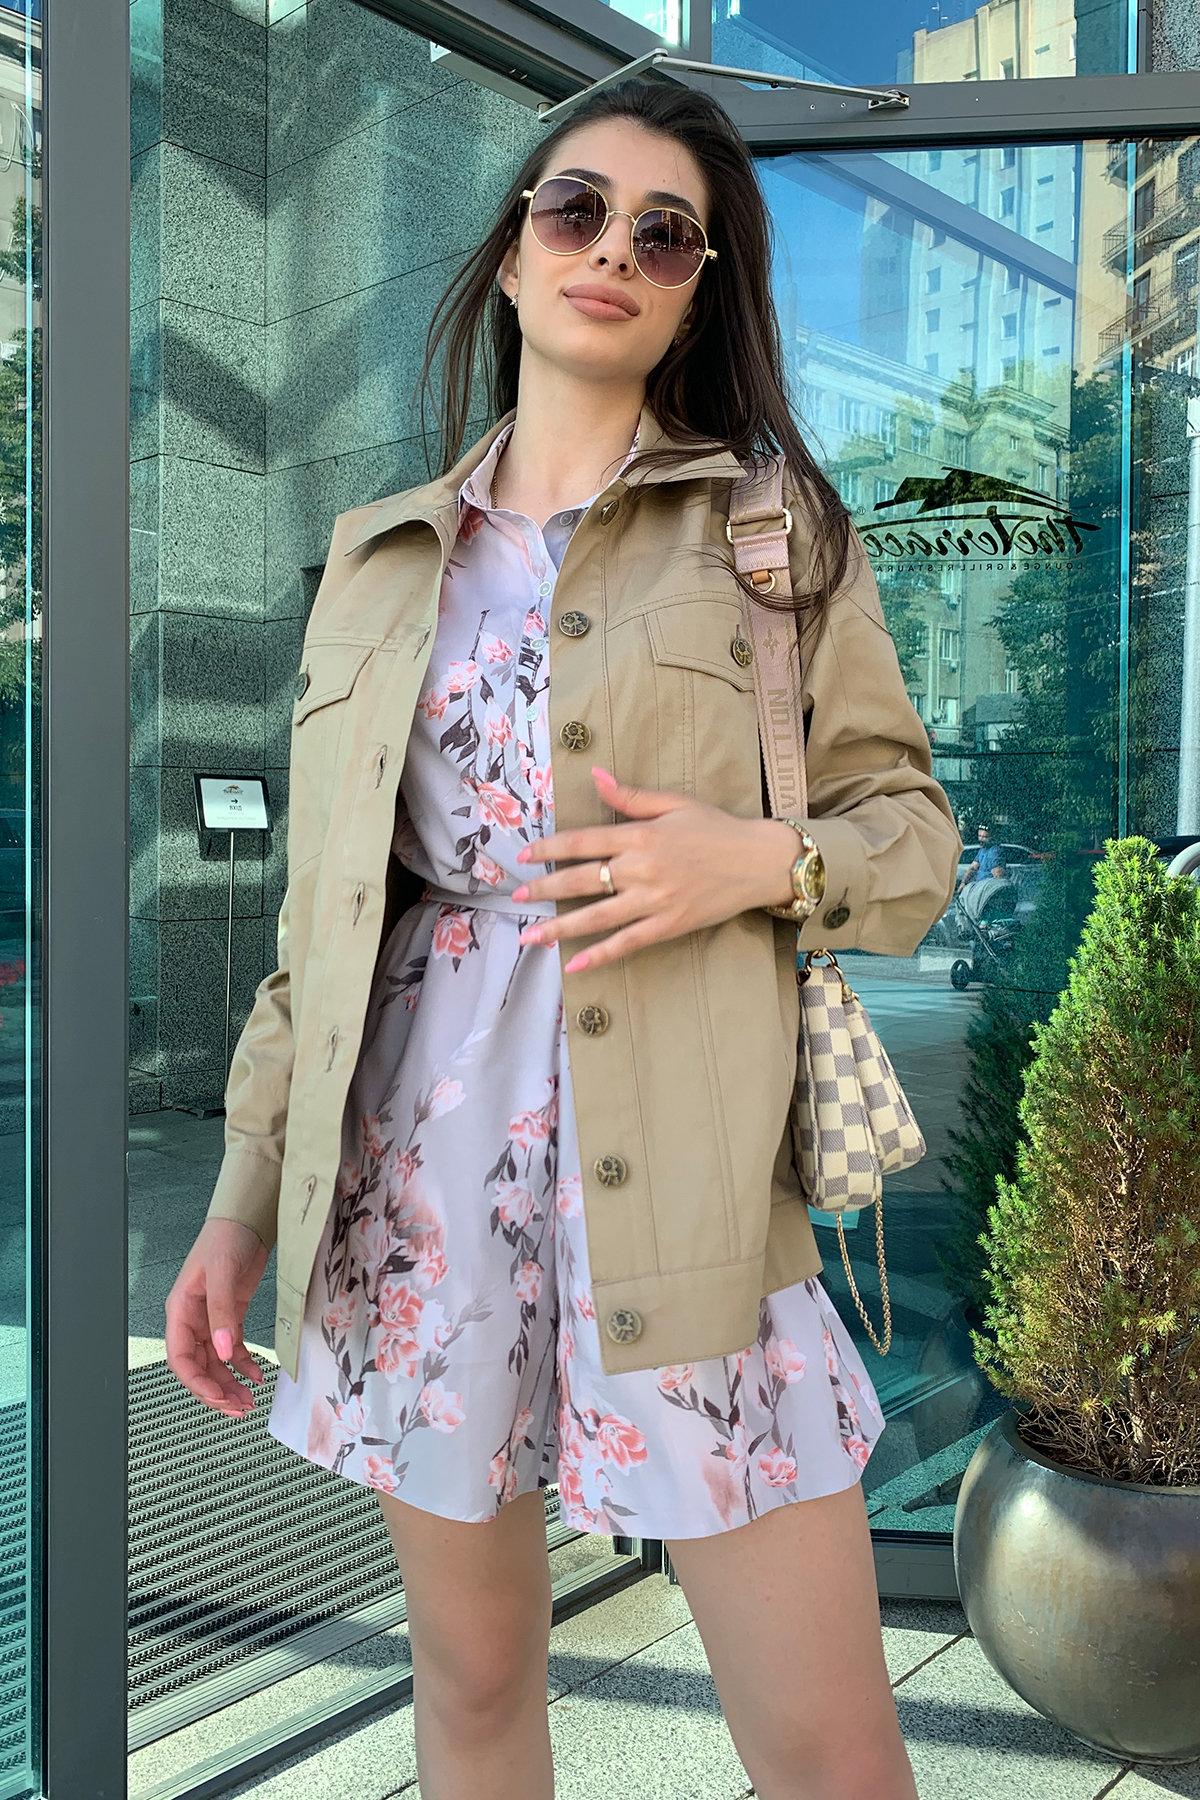 Жакет Релпей 9263 АРТ. 45599 Цвет: Бежевый - фото 2, интернет магазин tm-modus.ru